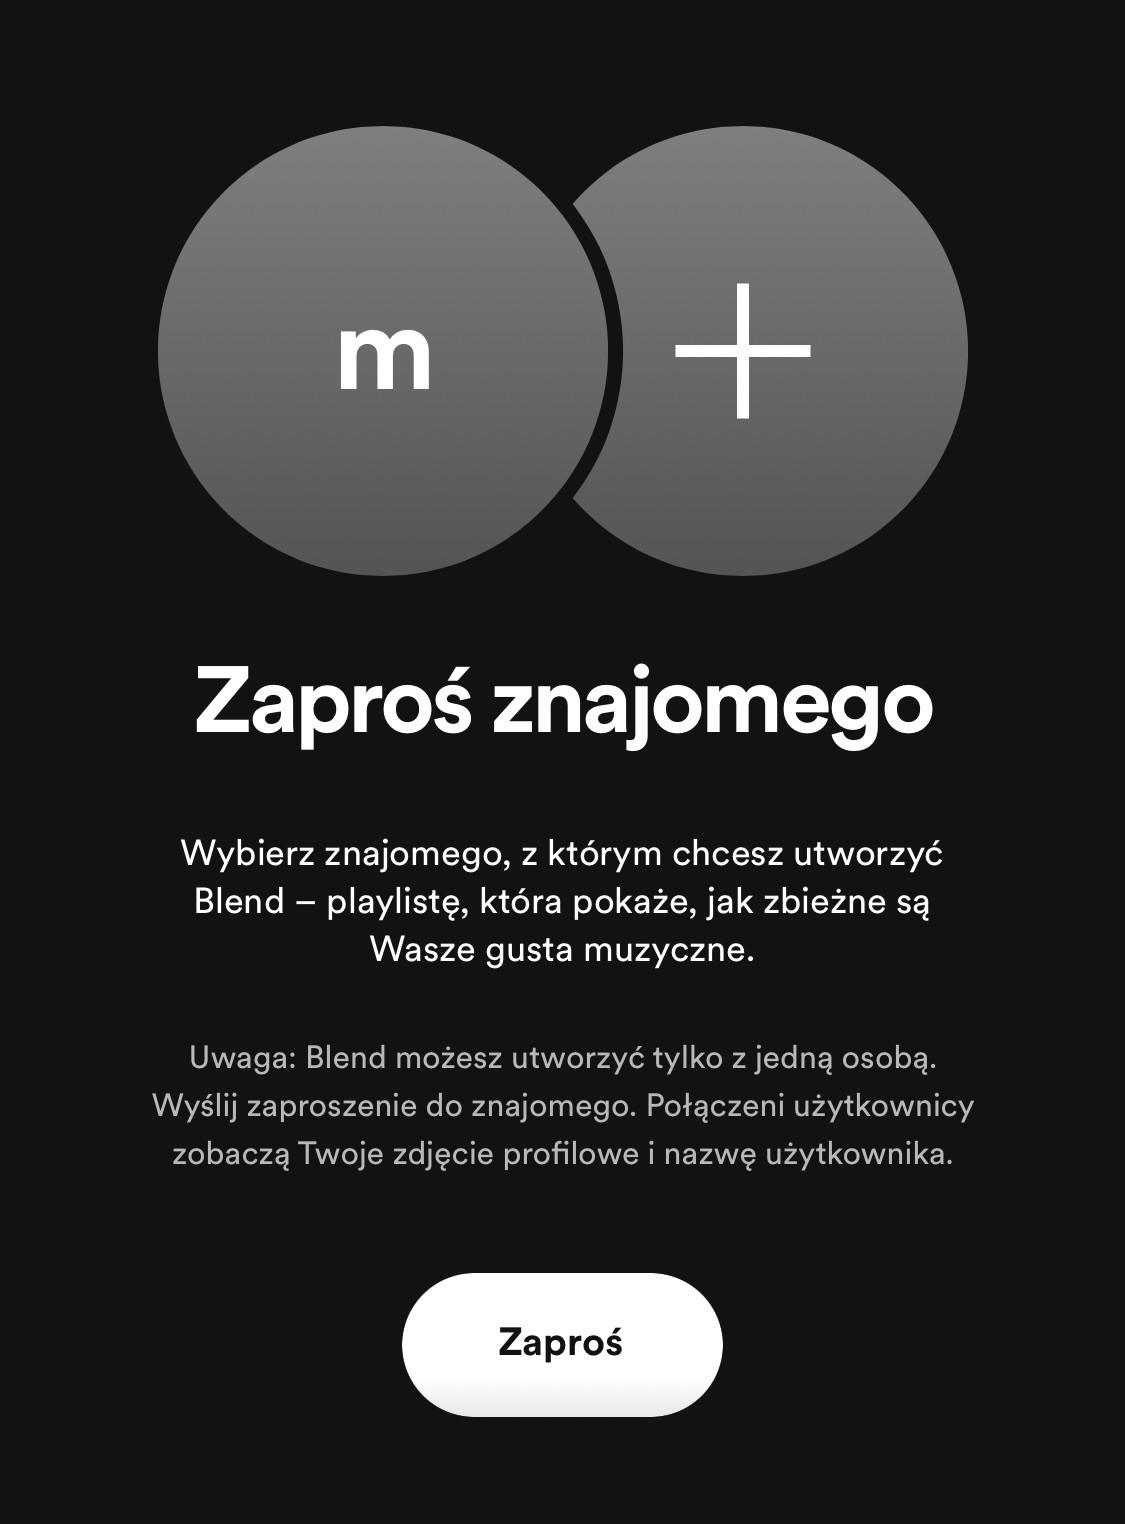 Spotify ma funkcję, której nie ma Apple Music i inne usługi ciekawostki Spotify, jak dziala blend, iOS, co to jest blend, blend  Serwis muzyczny Spotify uruchomił funkcję o nazwie Blend. Nowość po miesiącach testów wreszcie trafiła do aplikacji i dostępna jest dla wszystkich użytkowników. blend spotify